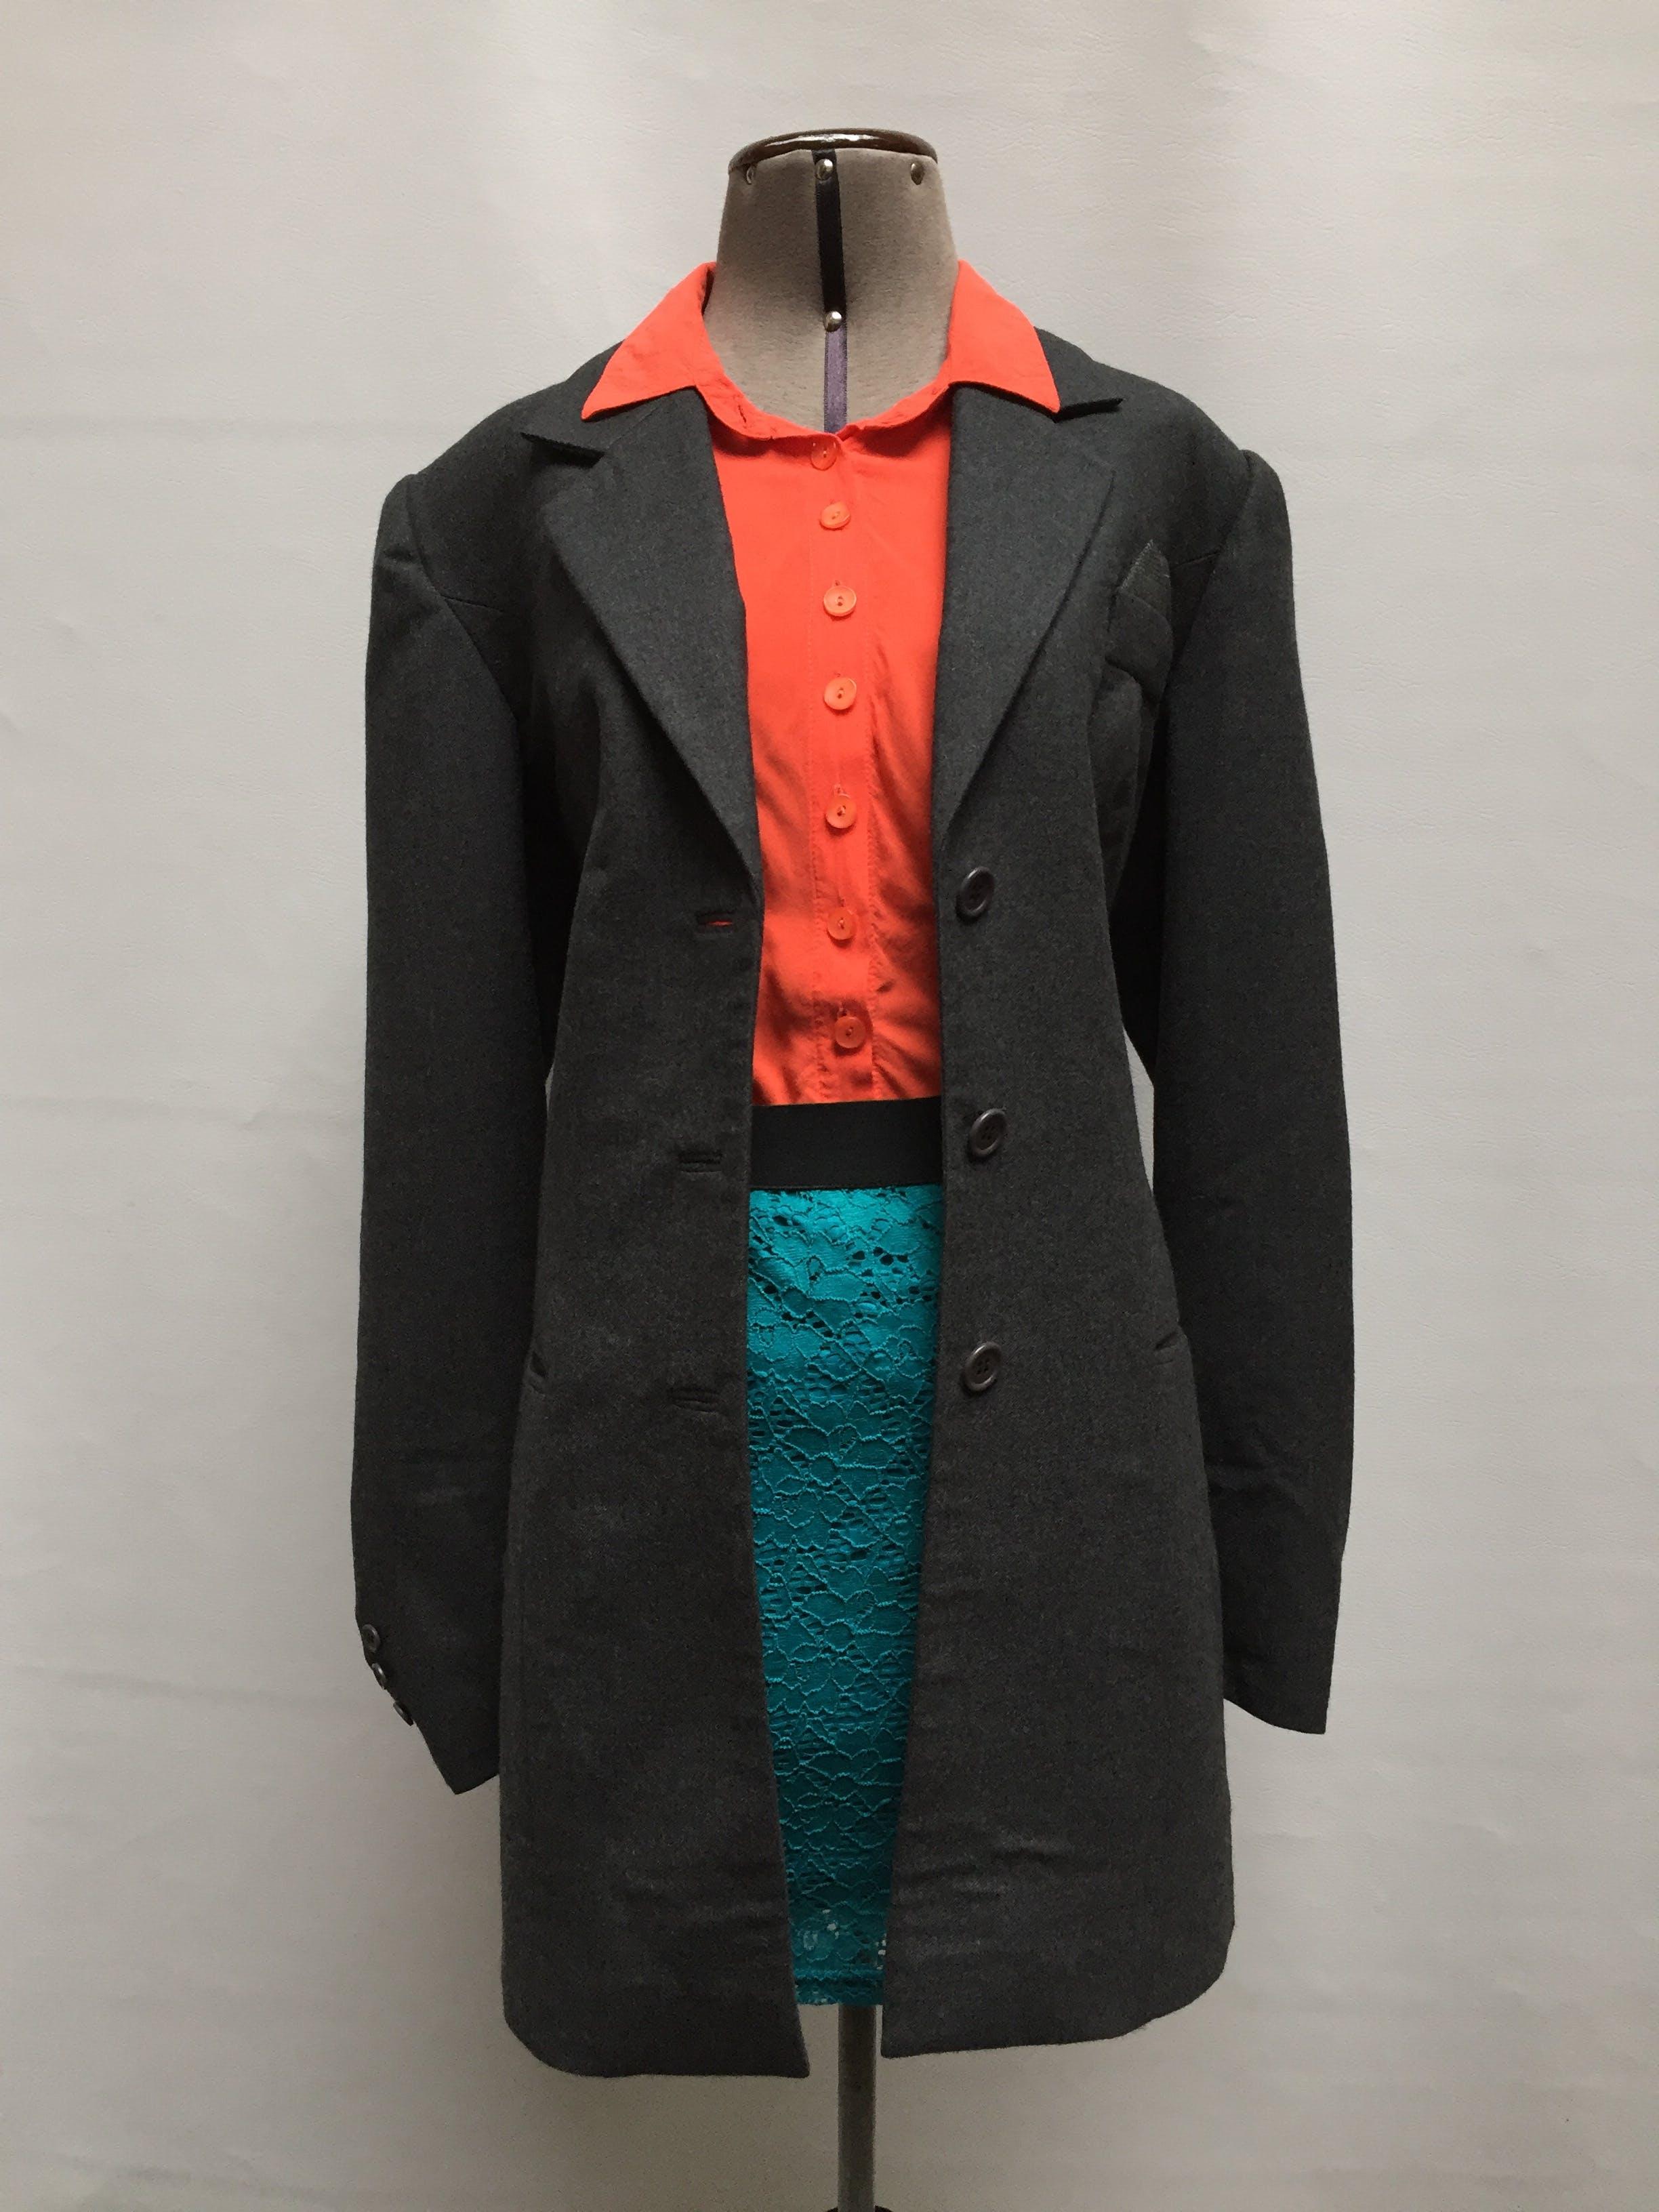 Abrigo de paño gris, forrado, con solapas y botones, bolsillos delanteros. Lindo! Talla L